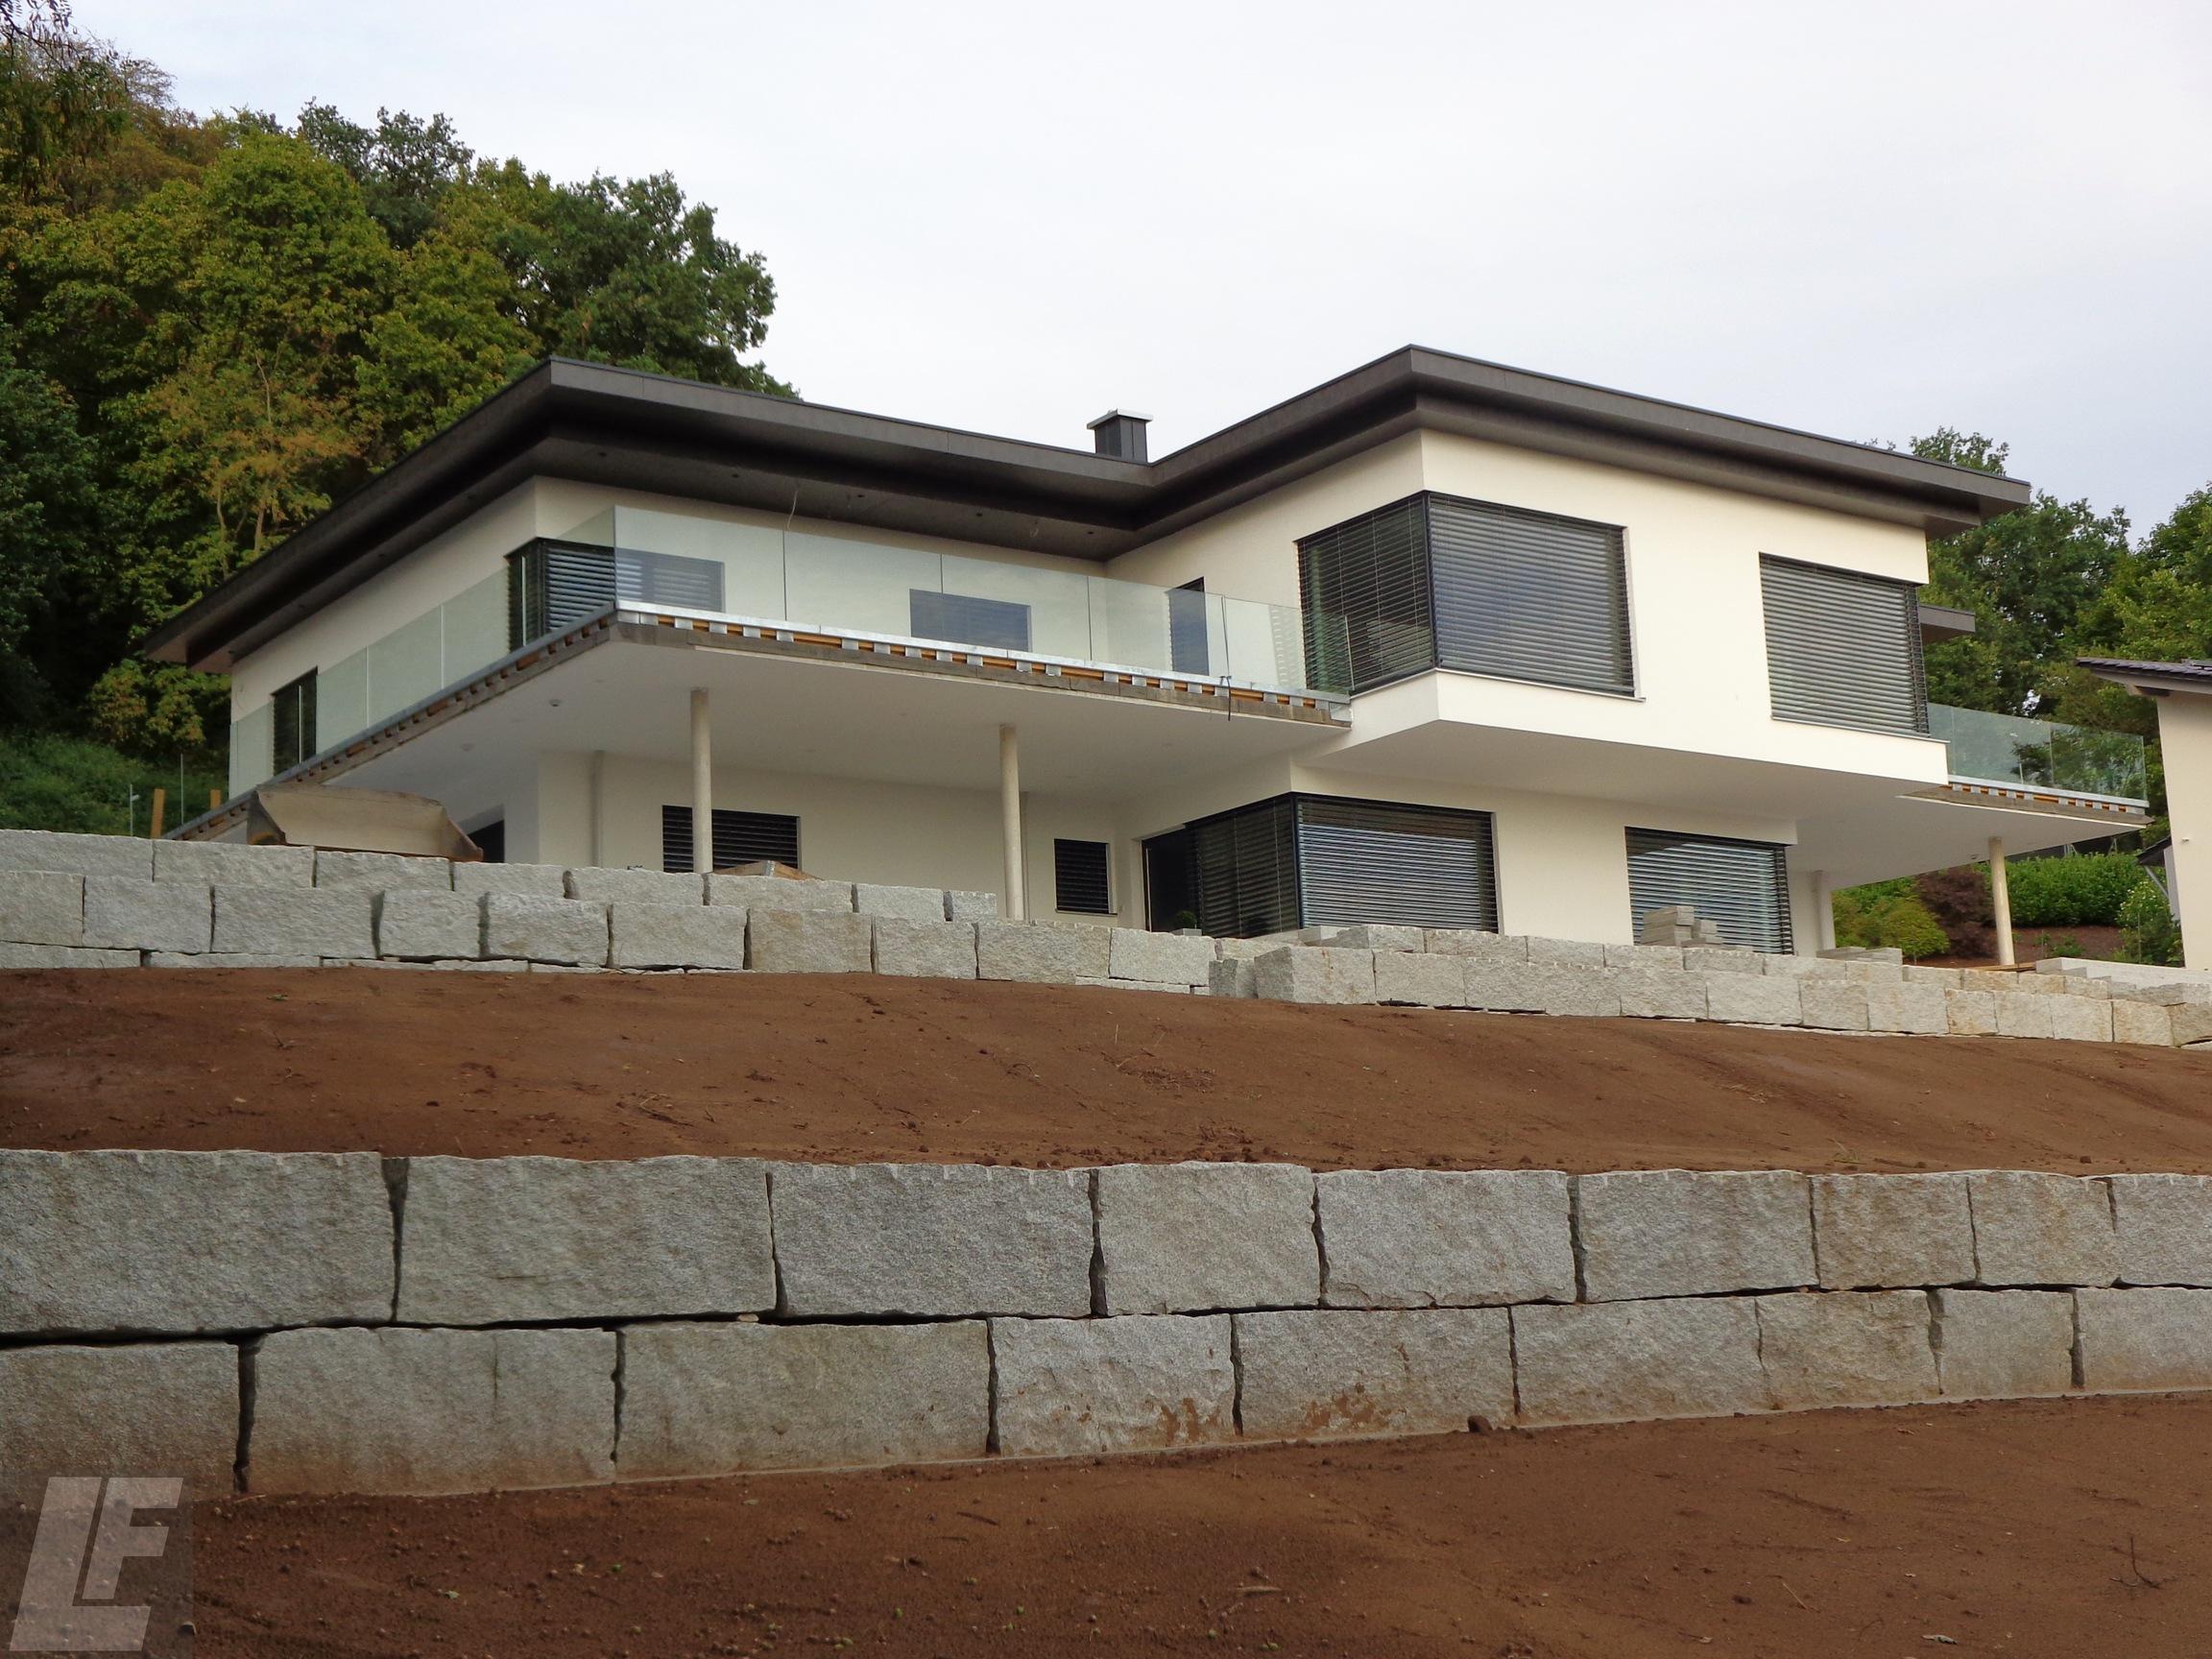 Einfamilienhaus mit flachdach luber freller bau gmbh for Einfamilienhaus flachdach